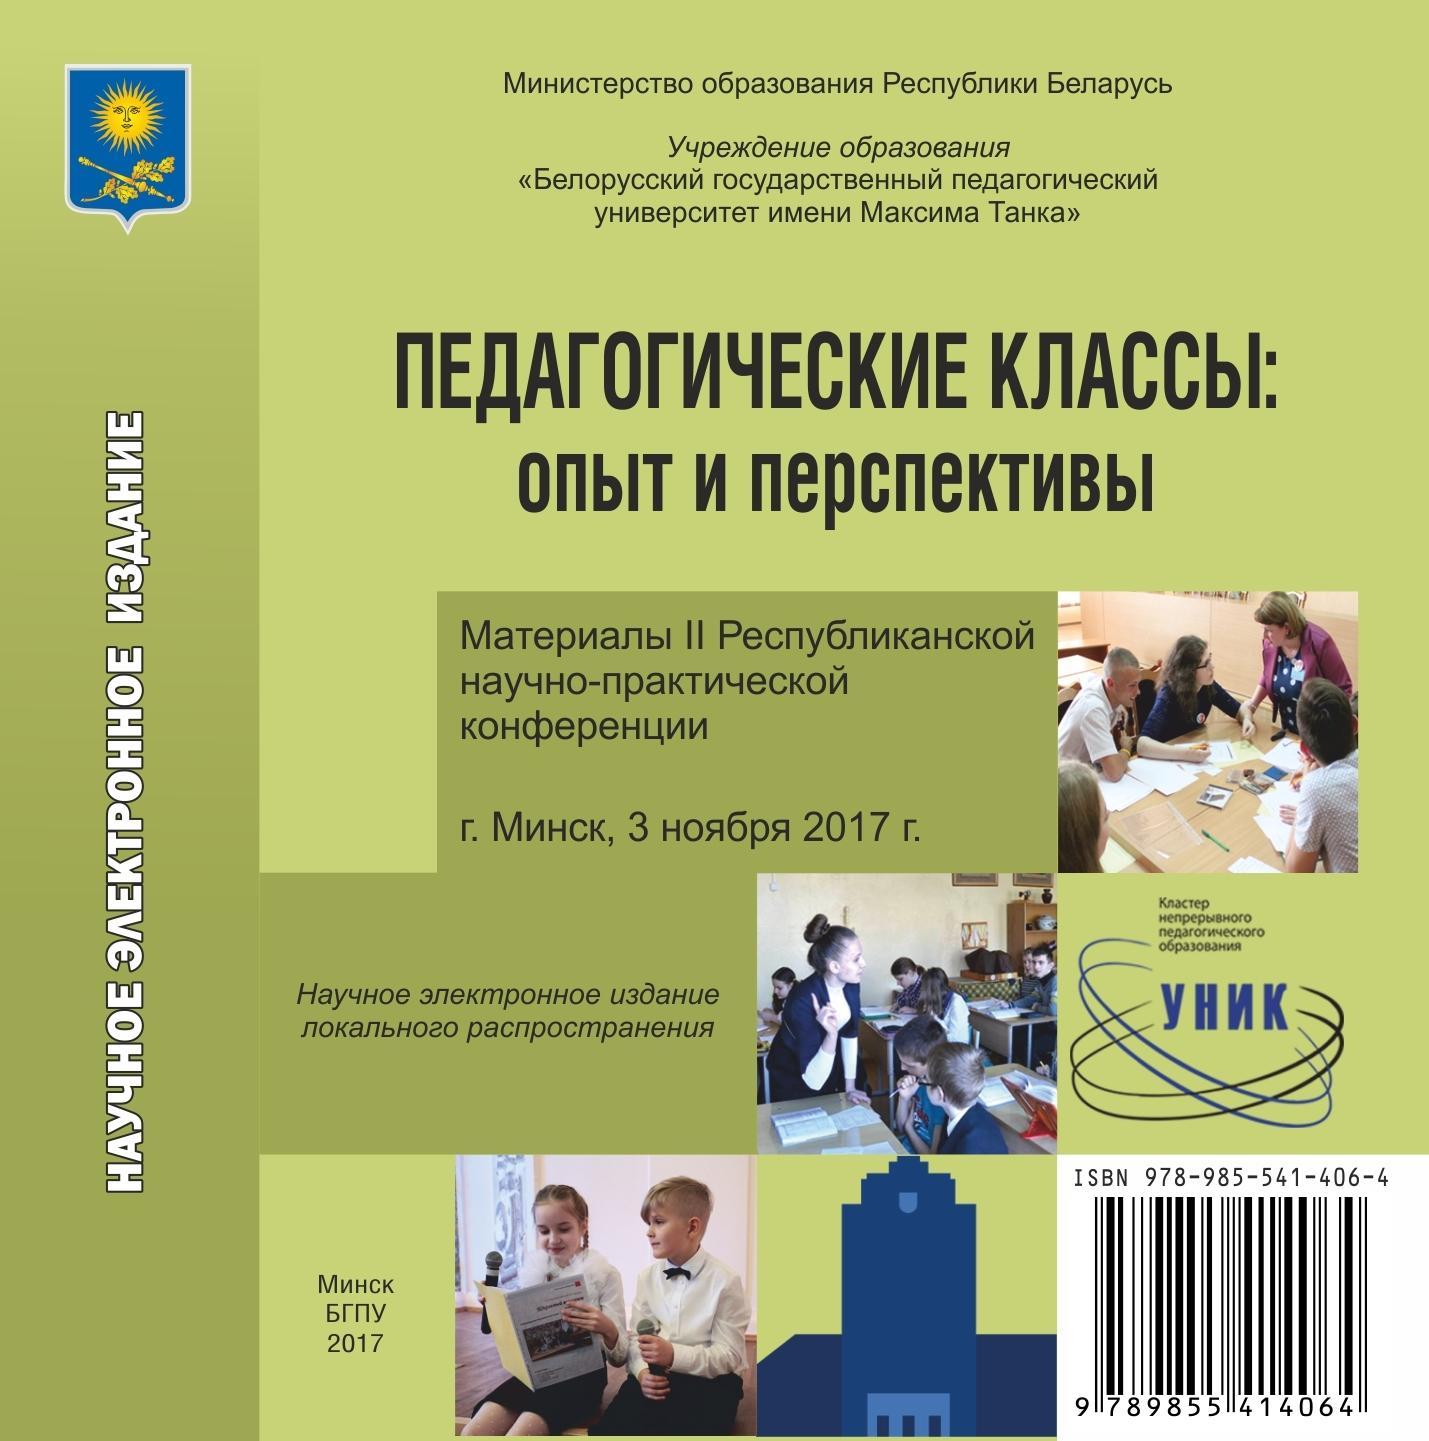 Сборник материалов «Педагогические классы: опыт и перспективы»